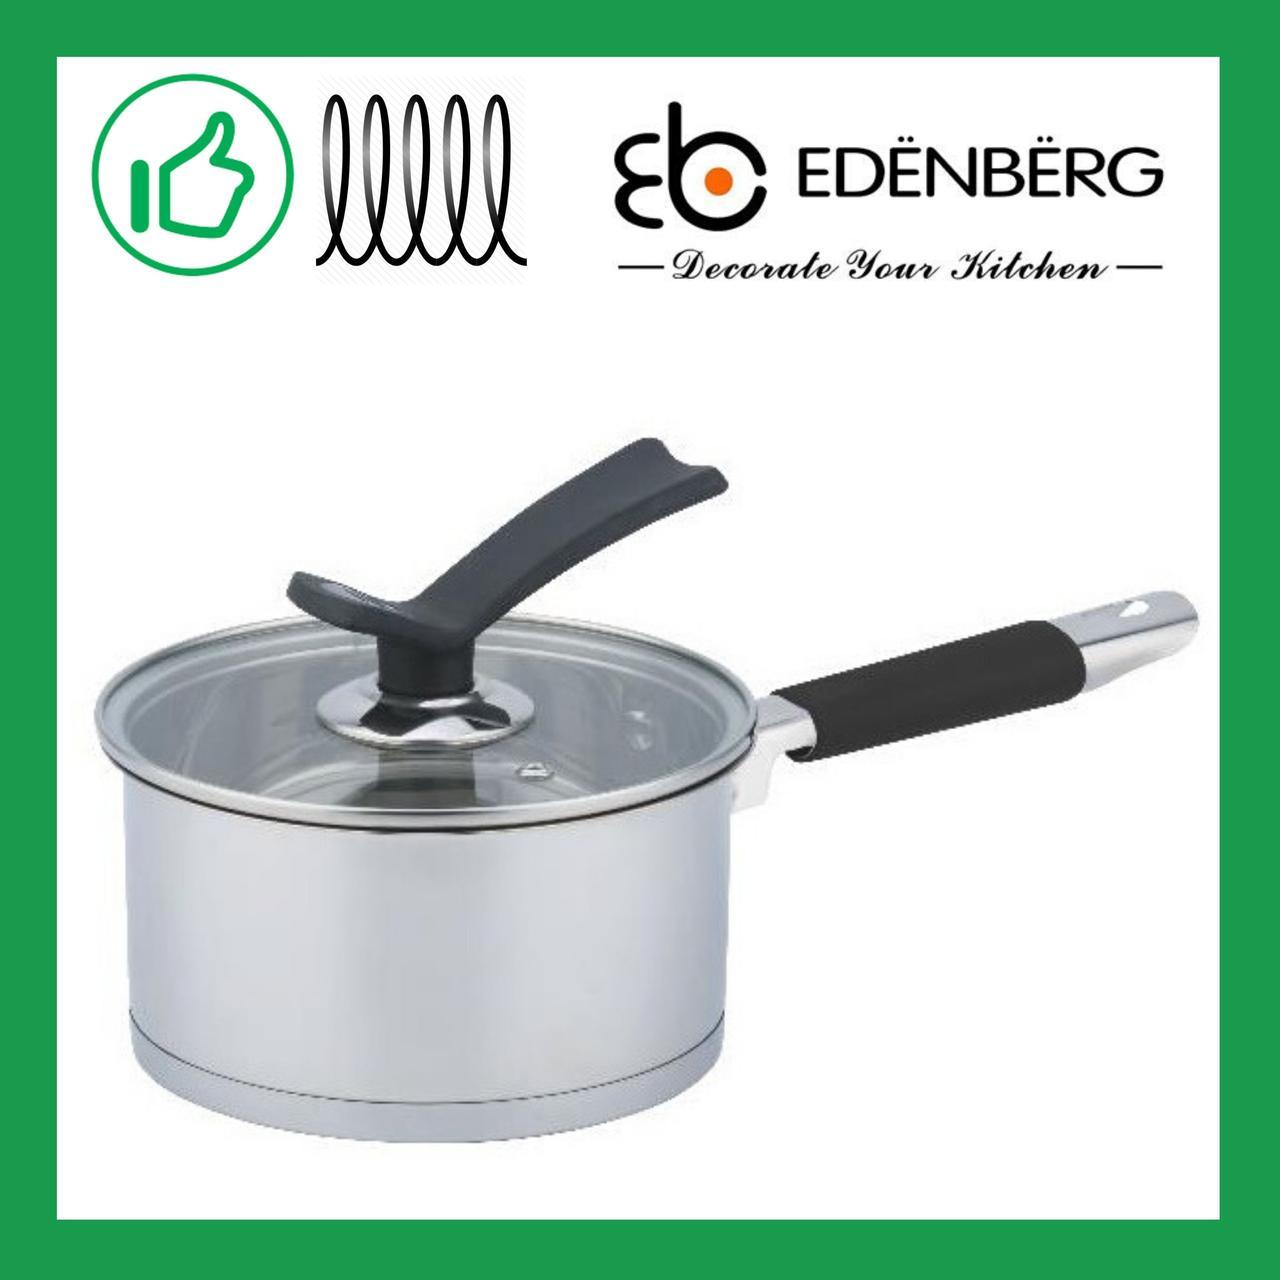 Ковшик из нержавеющей стали с крышкой Edenberg 0.8 л (EB-3681)